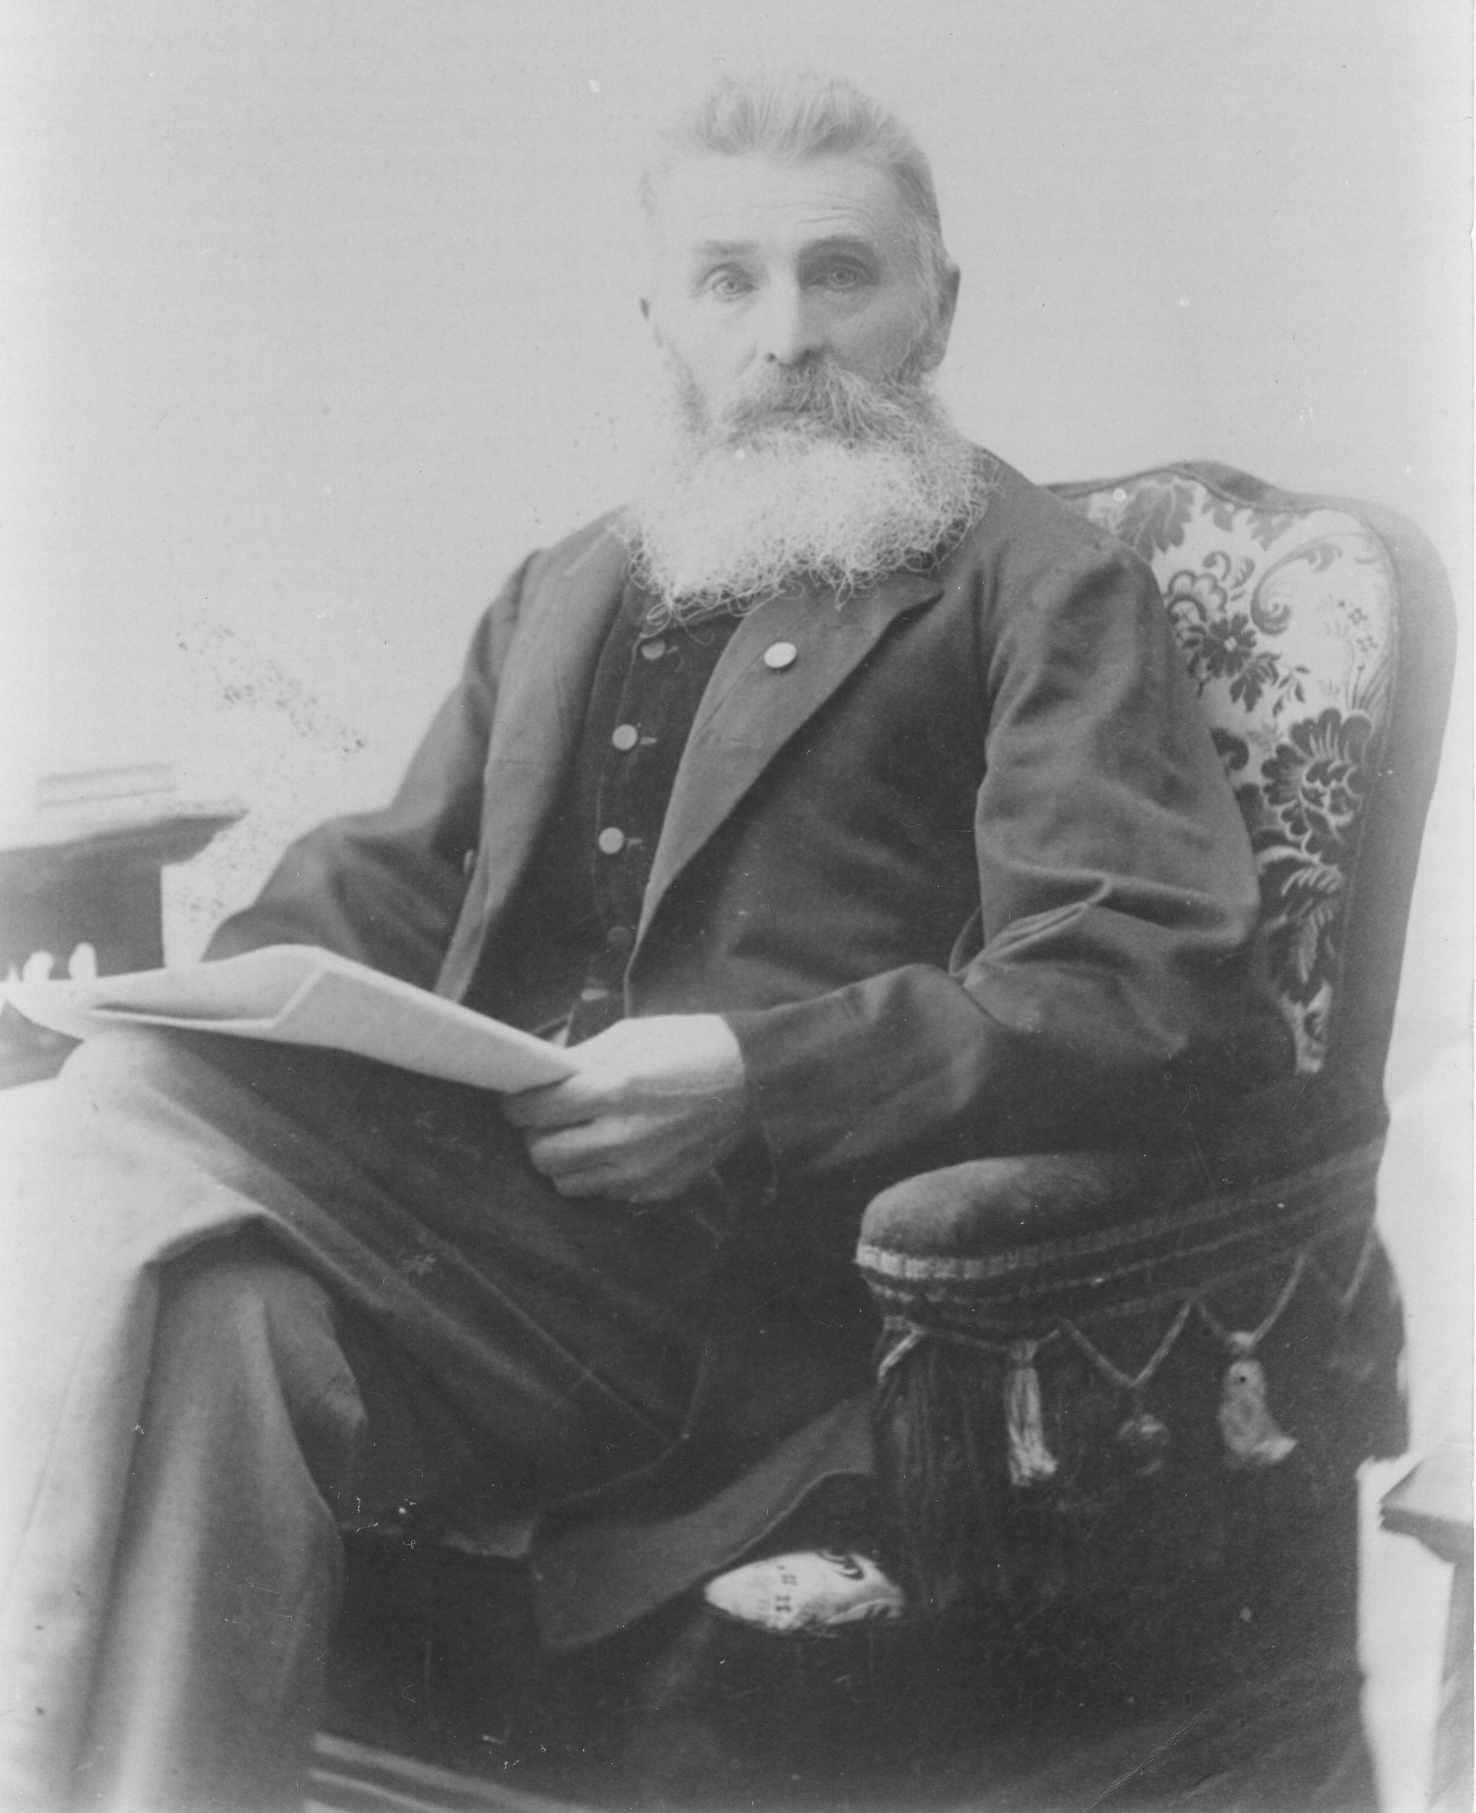 William A Jones